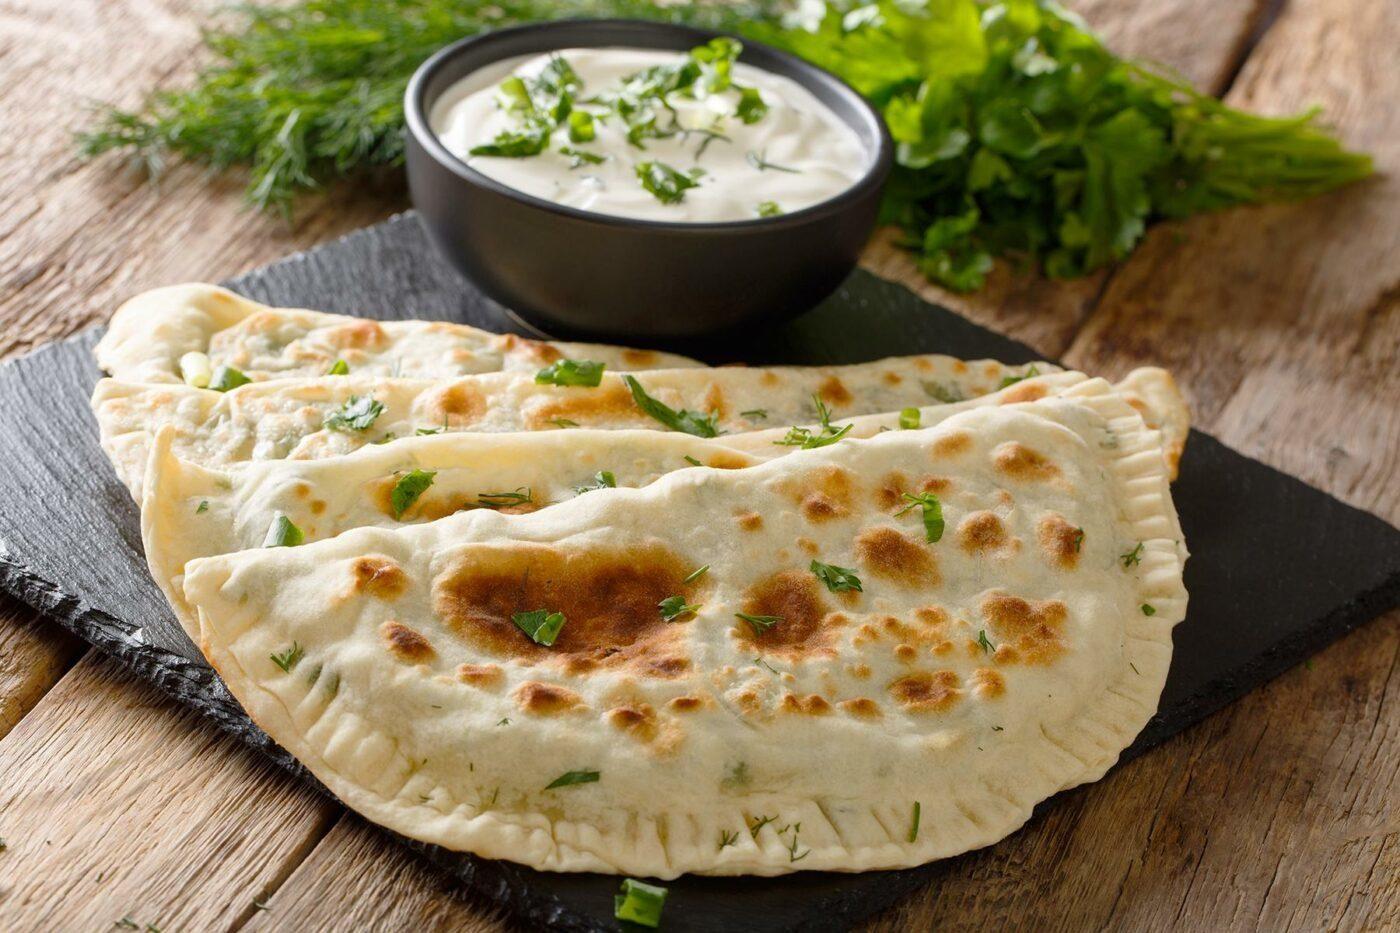 turkish food next to me